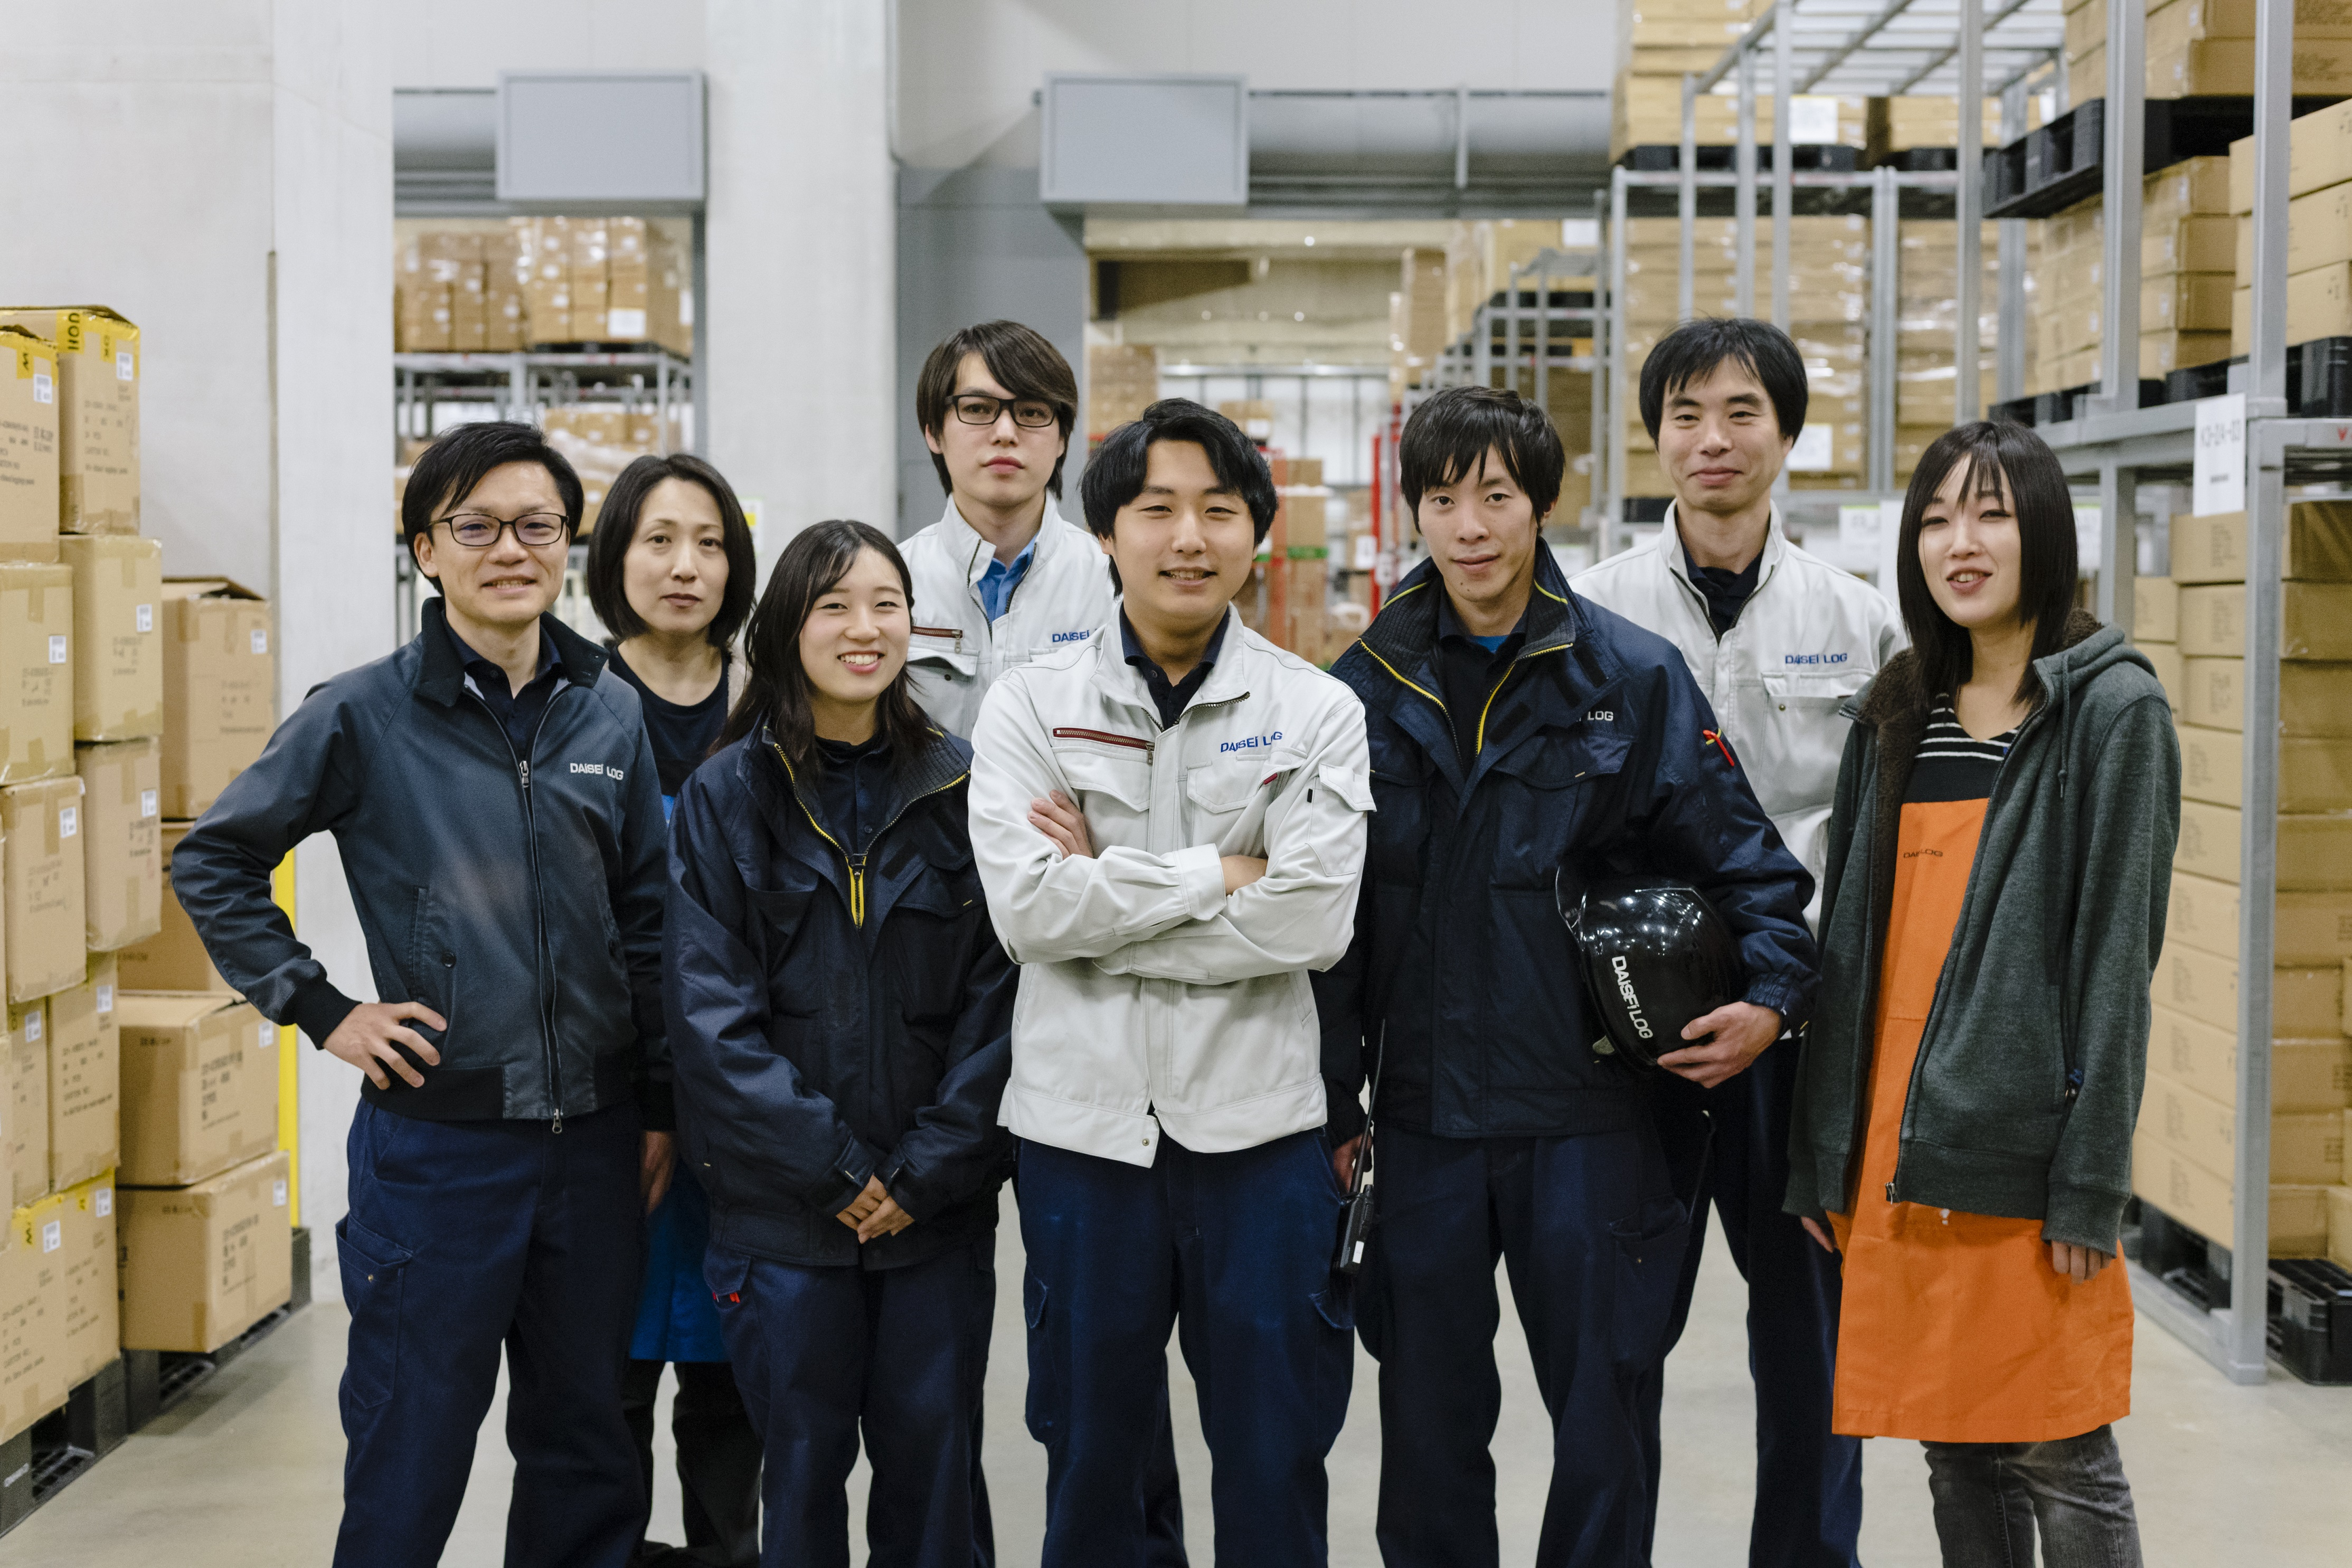 ★20~30代の若手活躍中★アパレル製品の倉庫管理(フォークリフト)業務!◆未経験歓迎◆資格取得支援制度あり